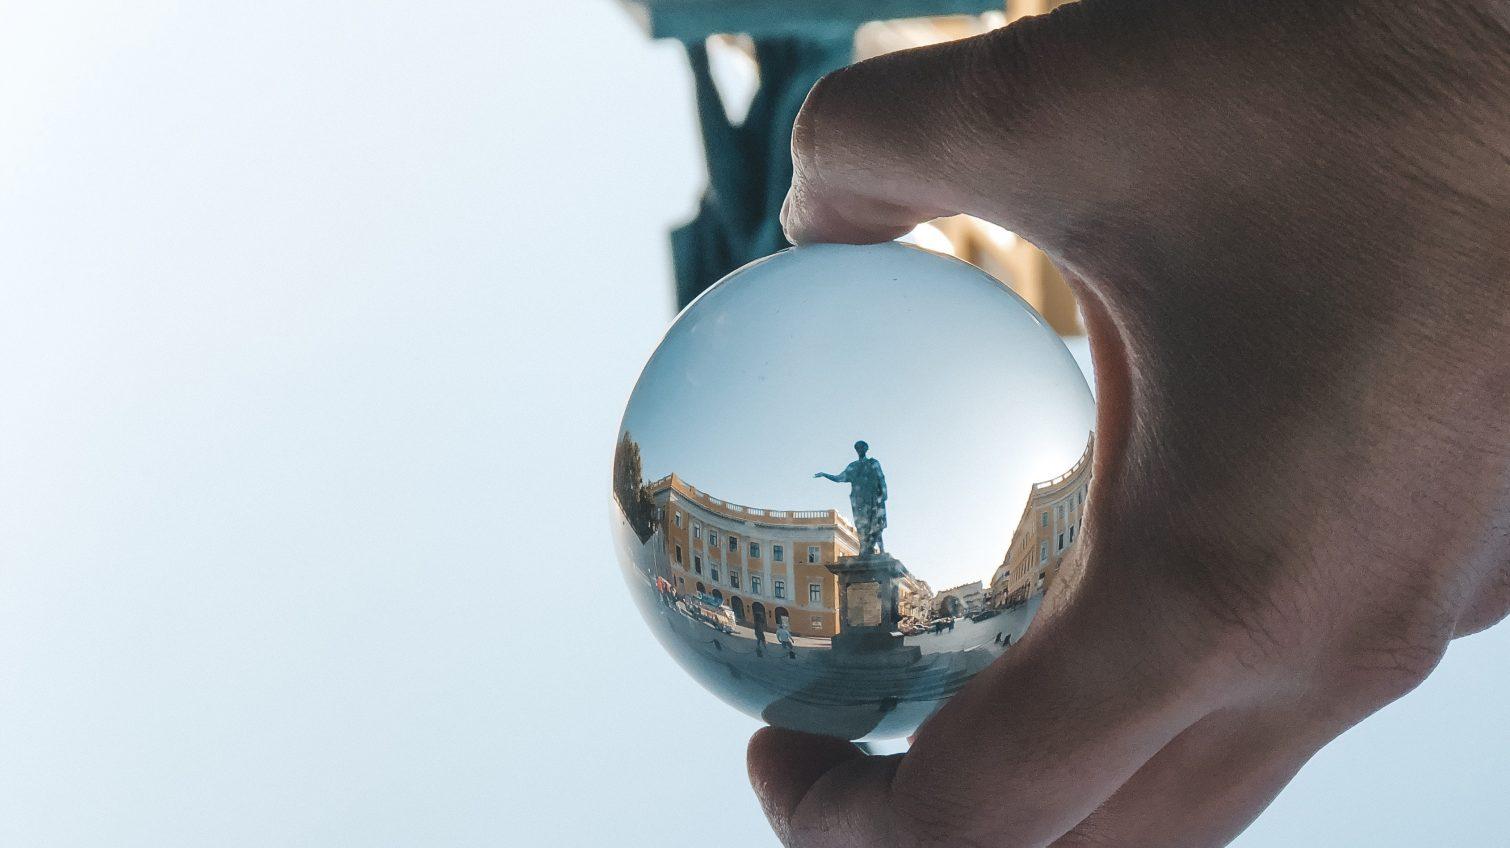 В 2019 году Одессу посетили 3,3 миллиона туристов: больше всего из Турции, Израиля и России «фото»